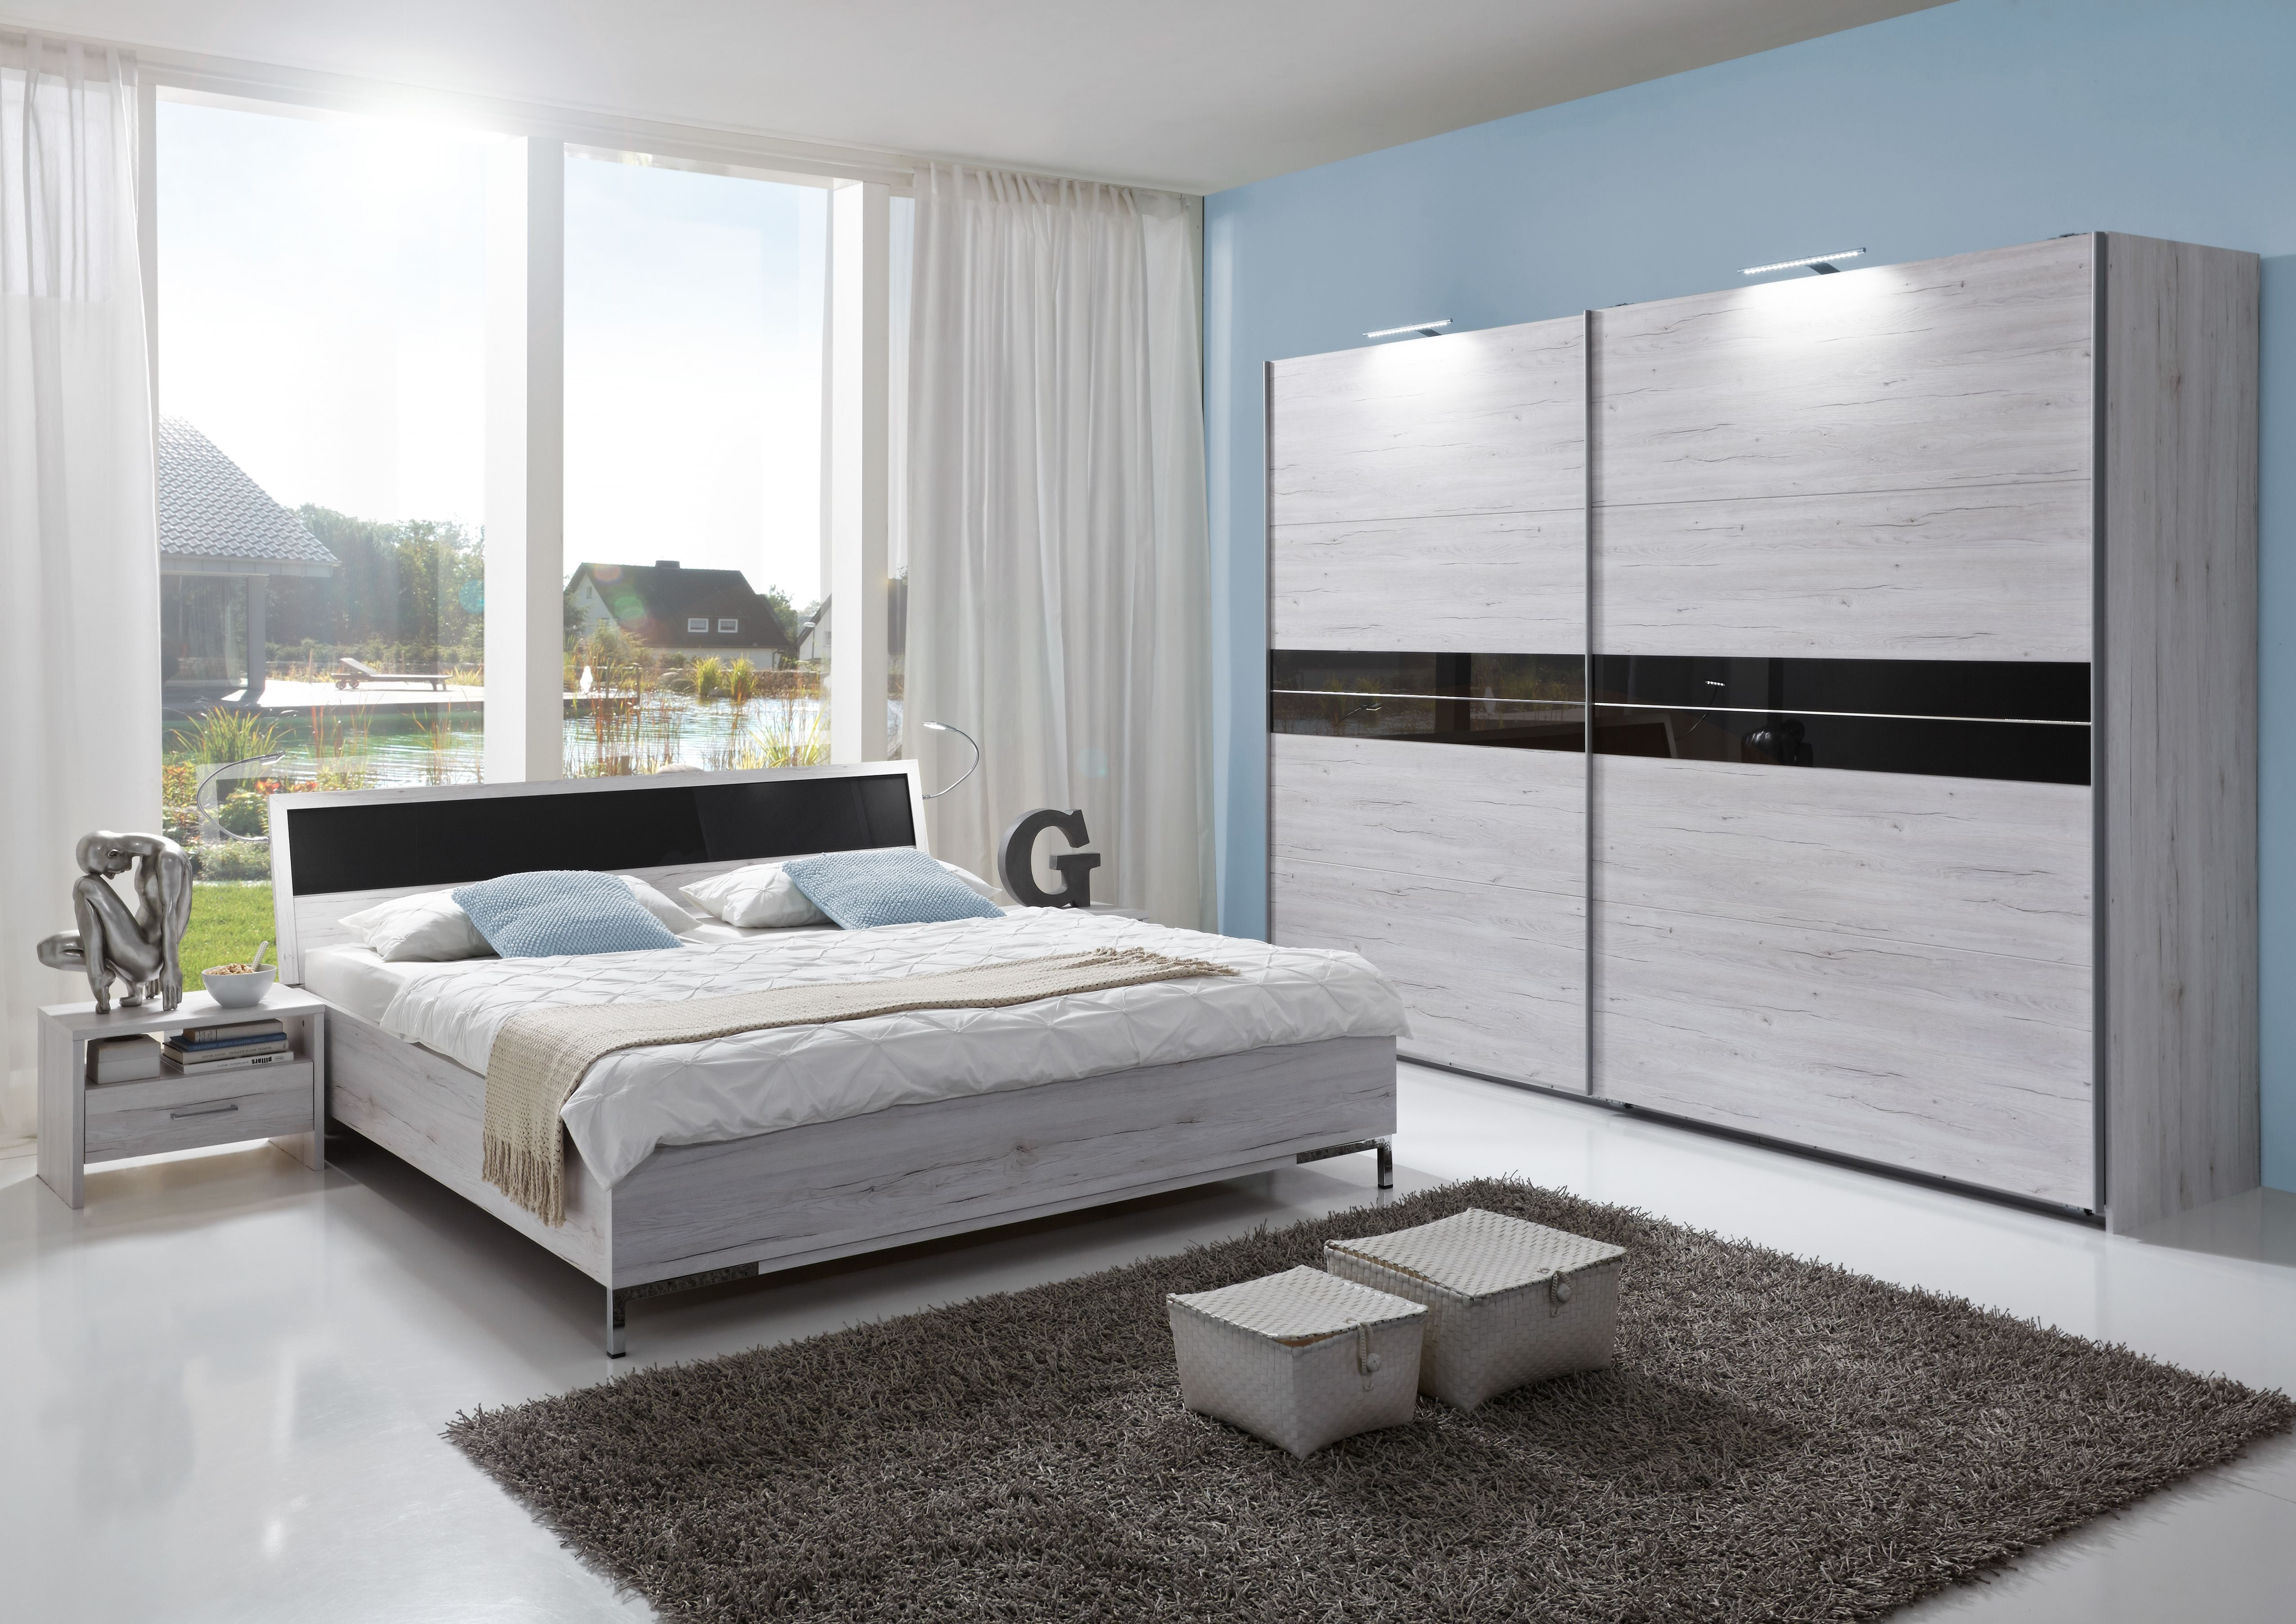 Schlafzimmer Set Komplett Acapulco Doppelbett Nako Kleiderschrank